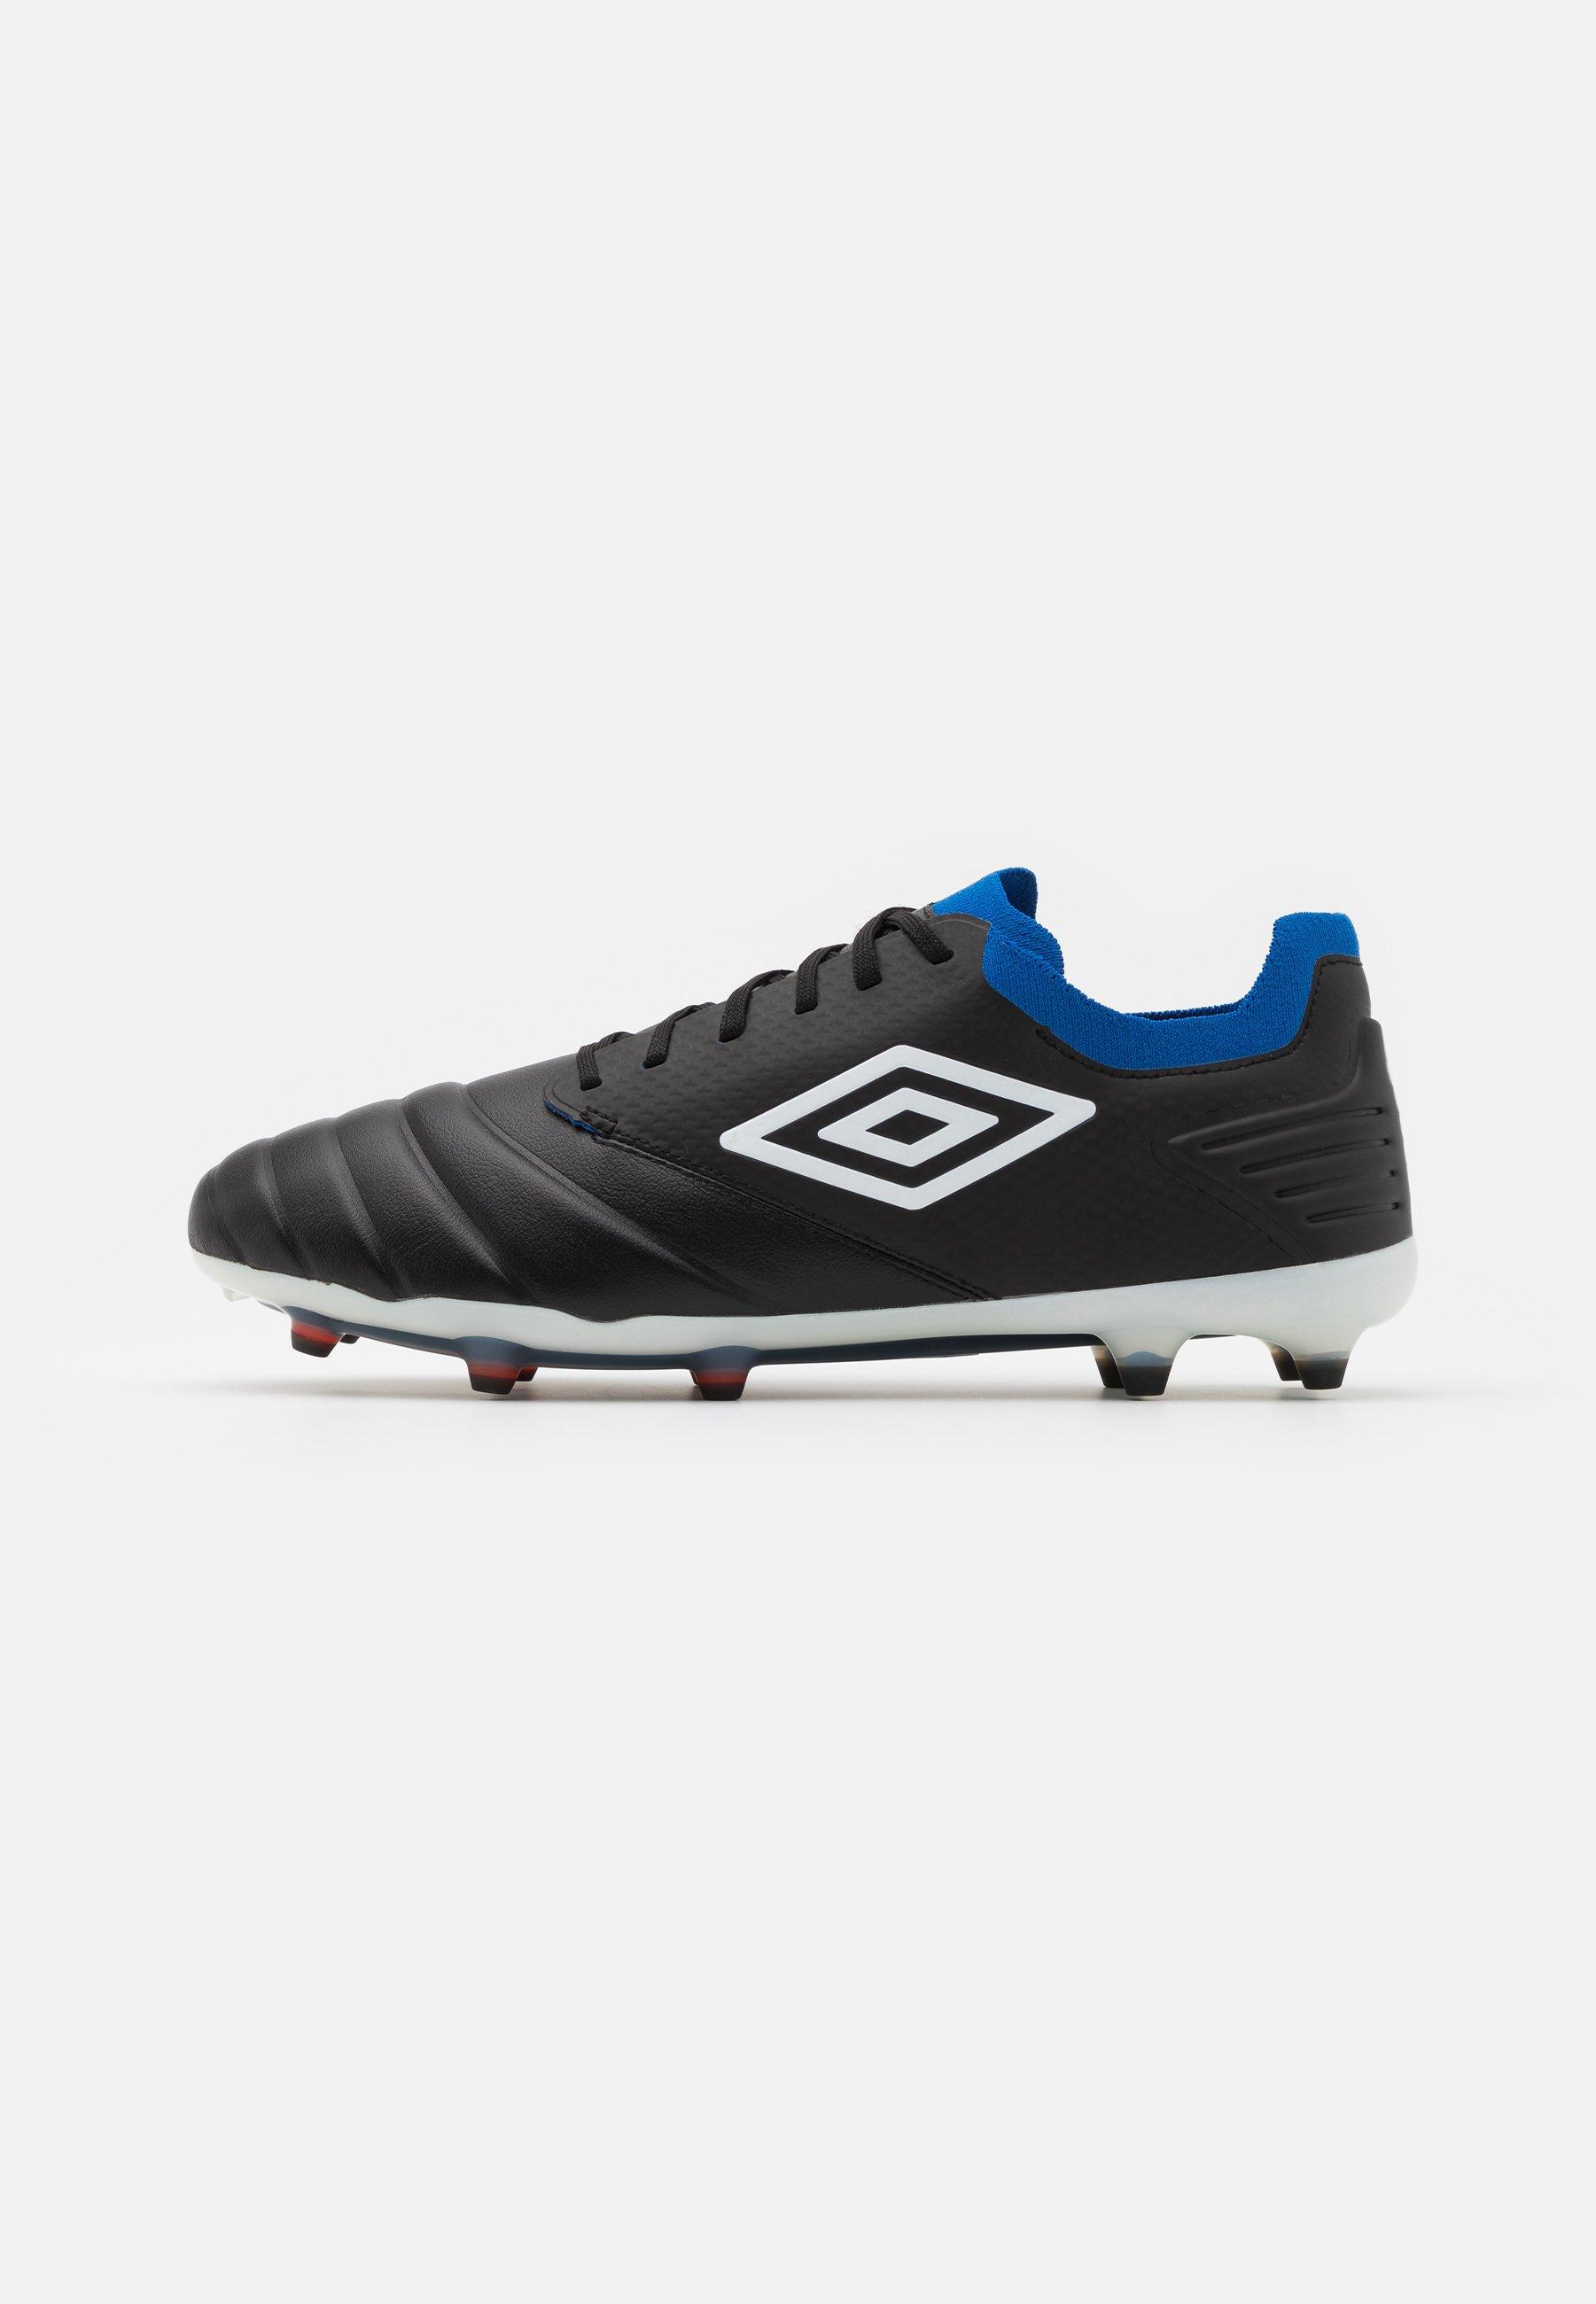 Homme TOCCO PRO FG - Chaussures de foot à crampons